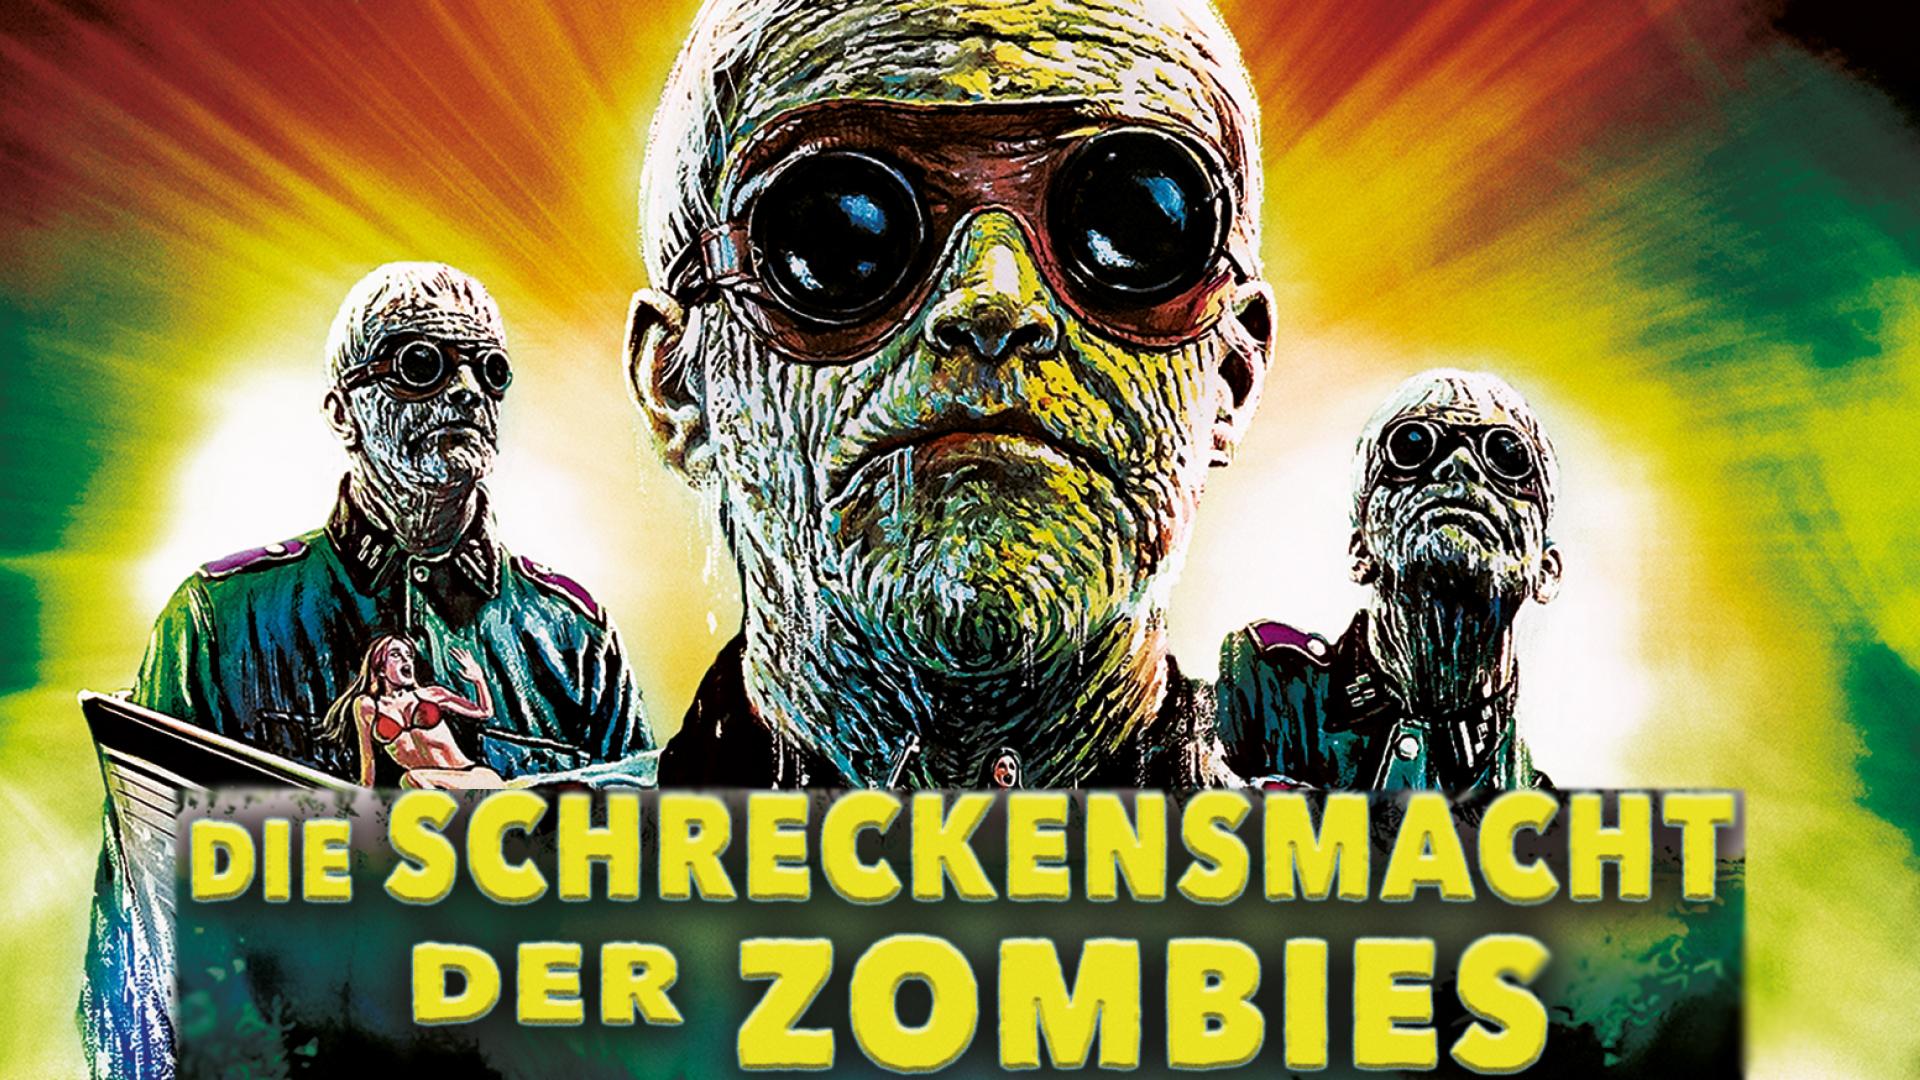 Die Schreckensmacht der Zombies